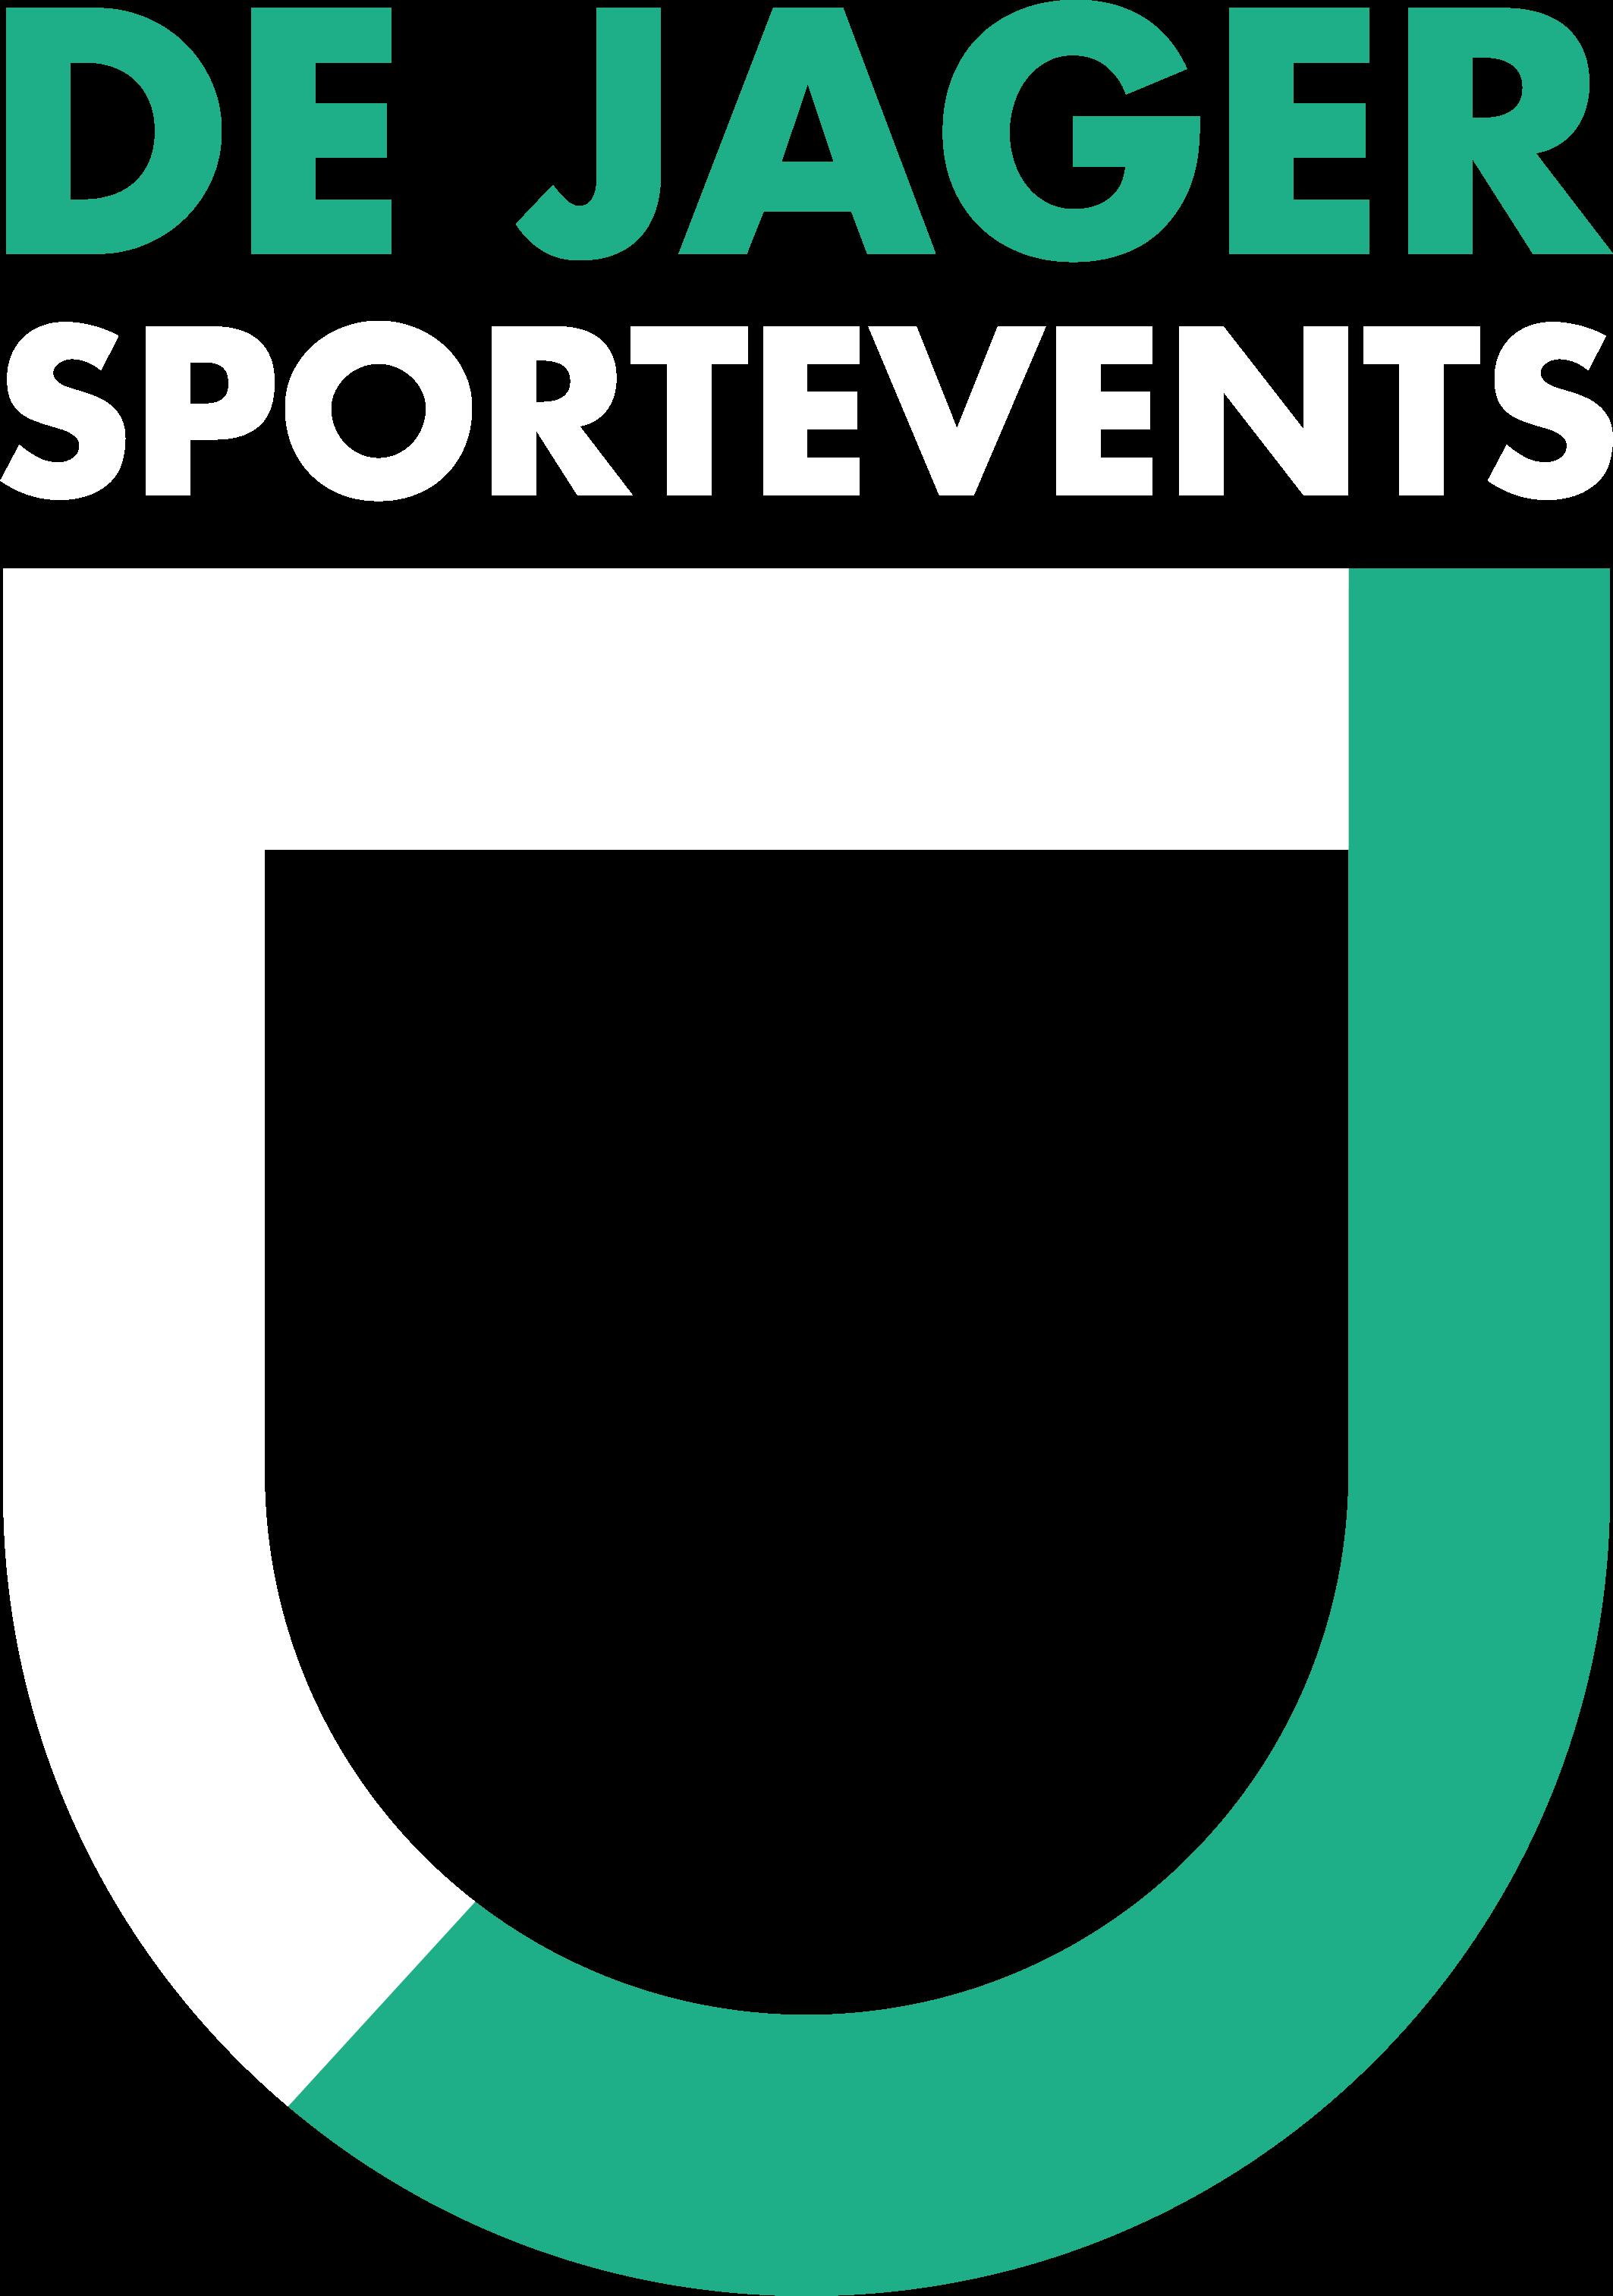 De Jager Sportevents